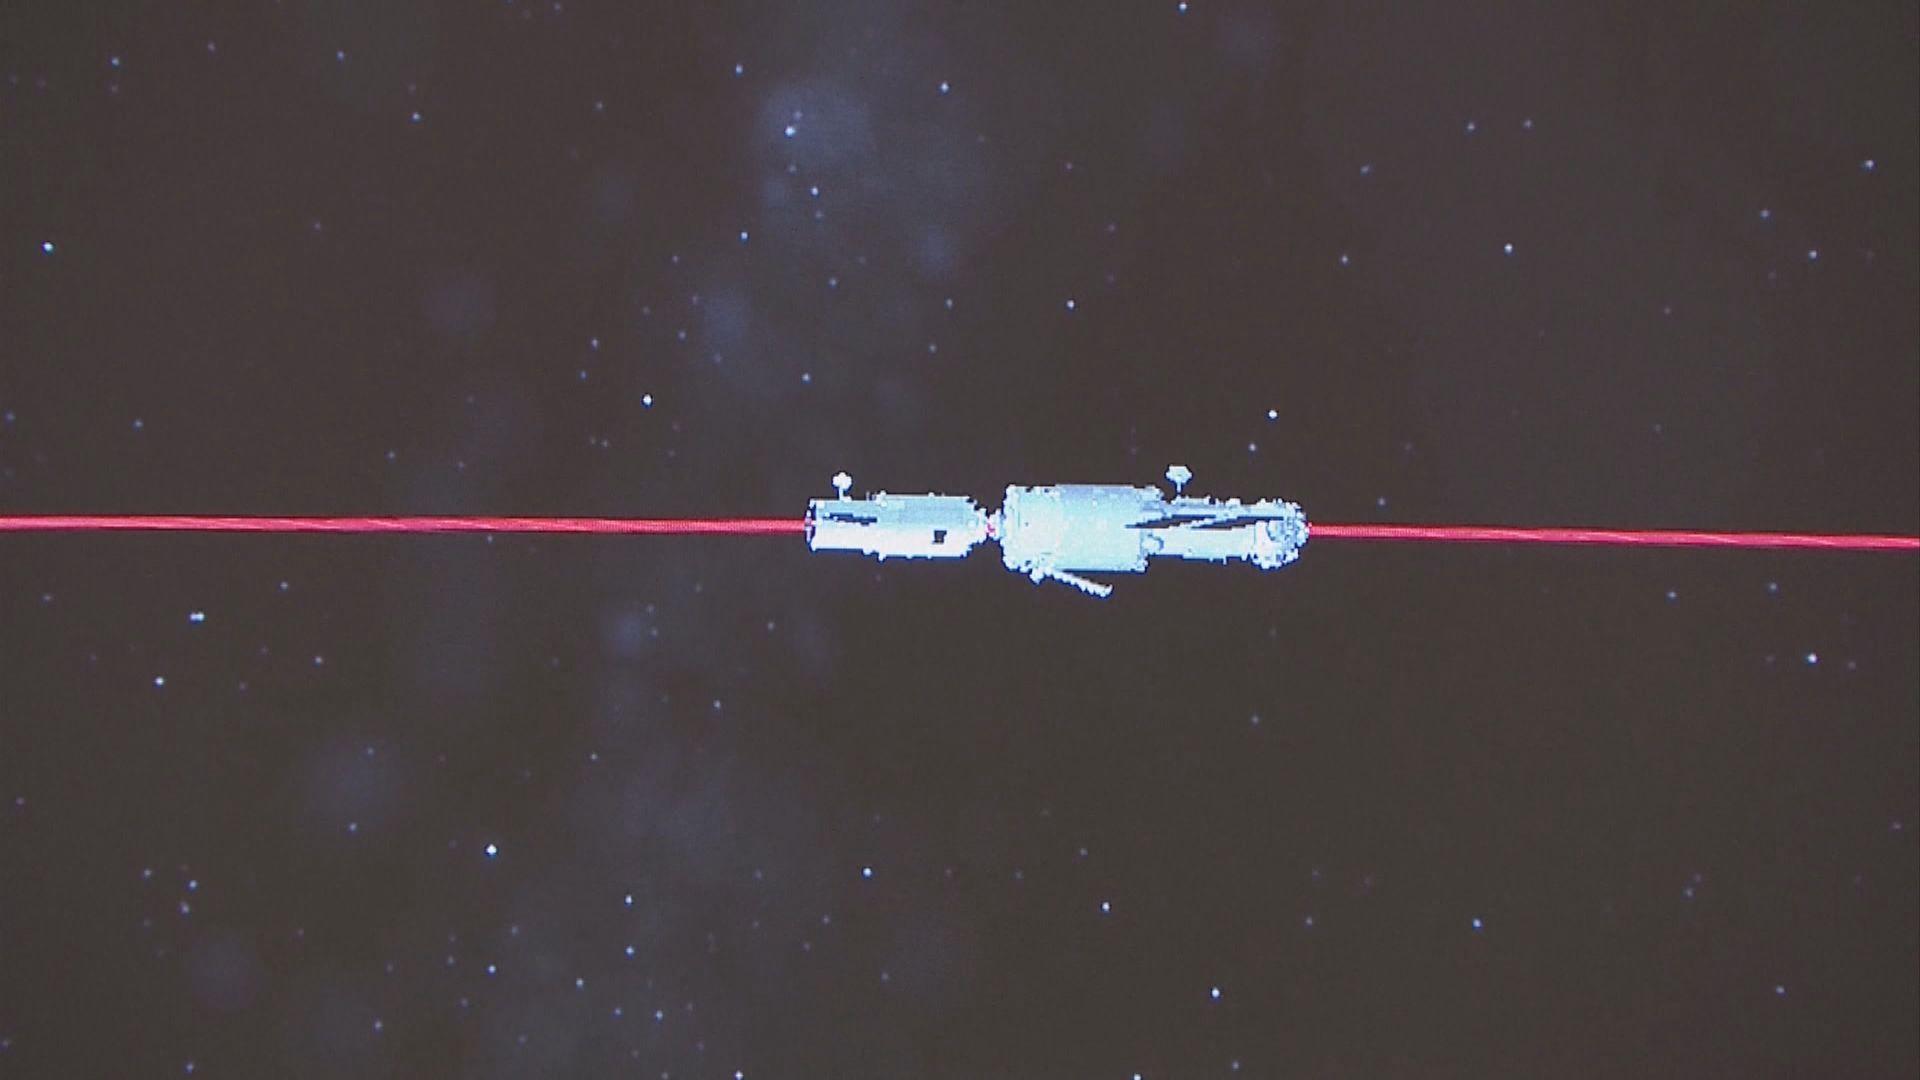 天舟二號與天和核心艙首次自主快速交會對接